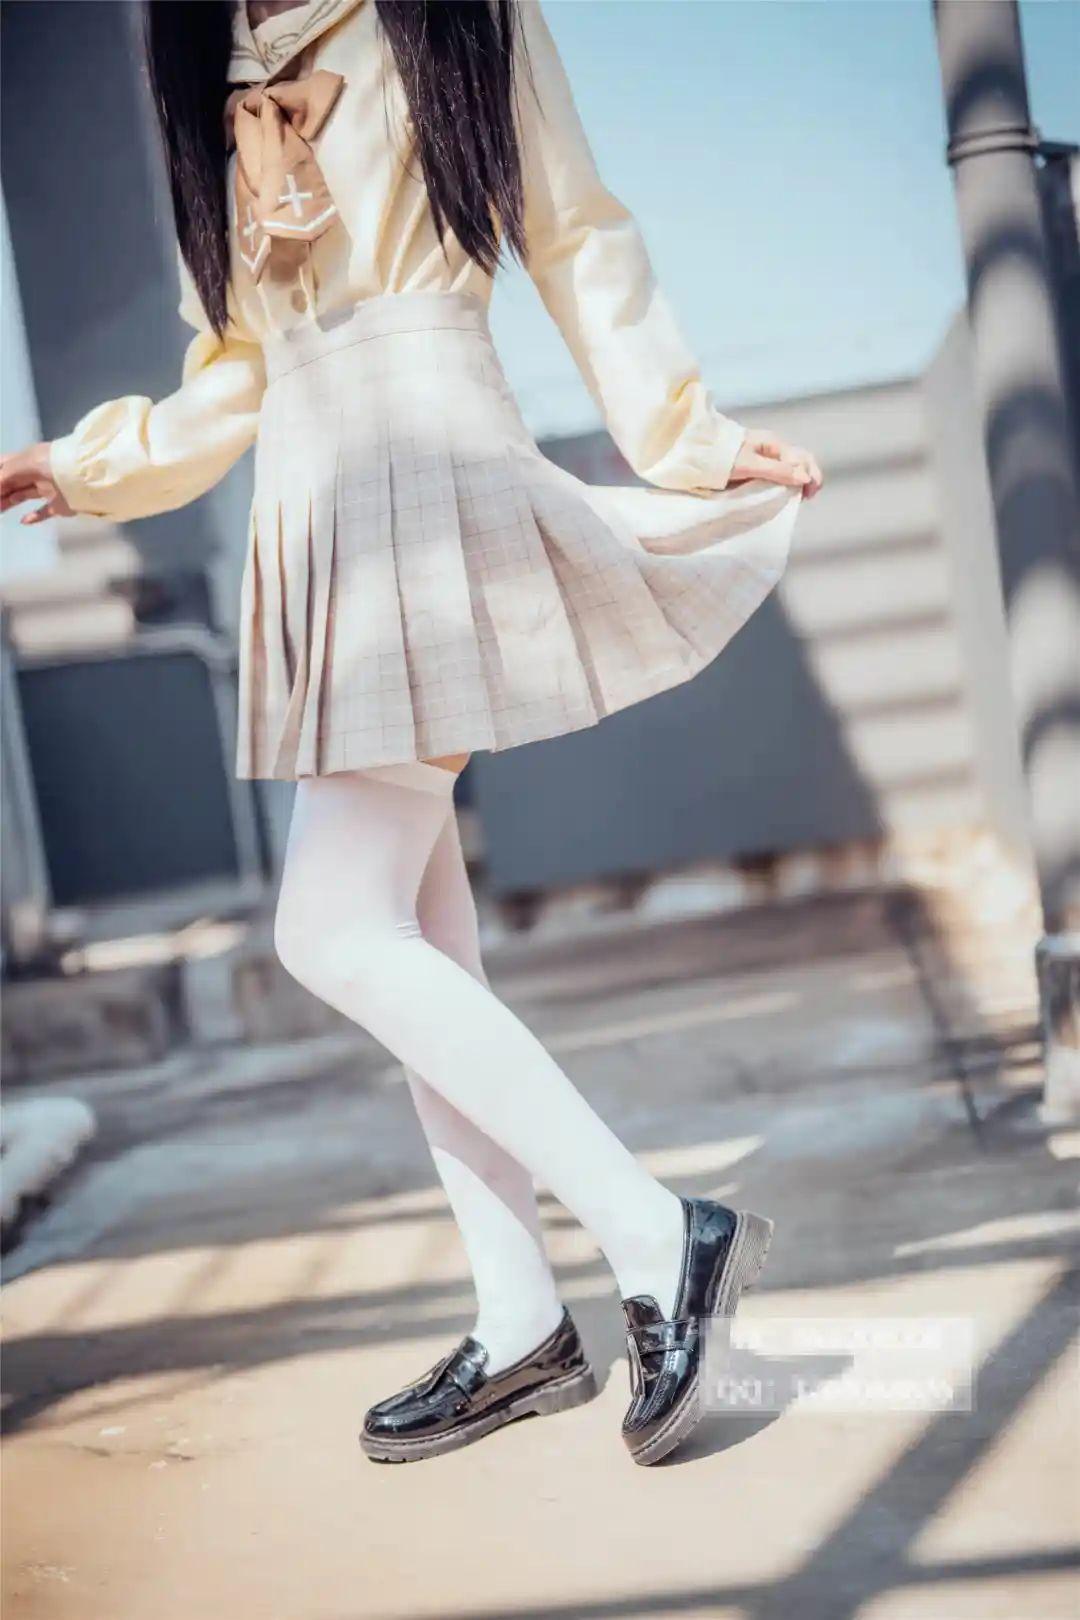 妹子摄影 – 白丝袜小美女,JK短裙尽显腿长优雅_图片 No.2